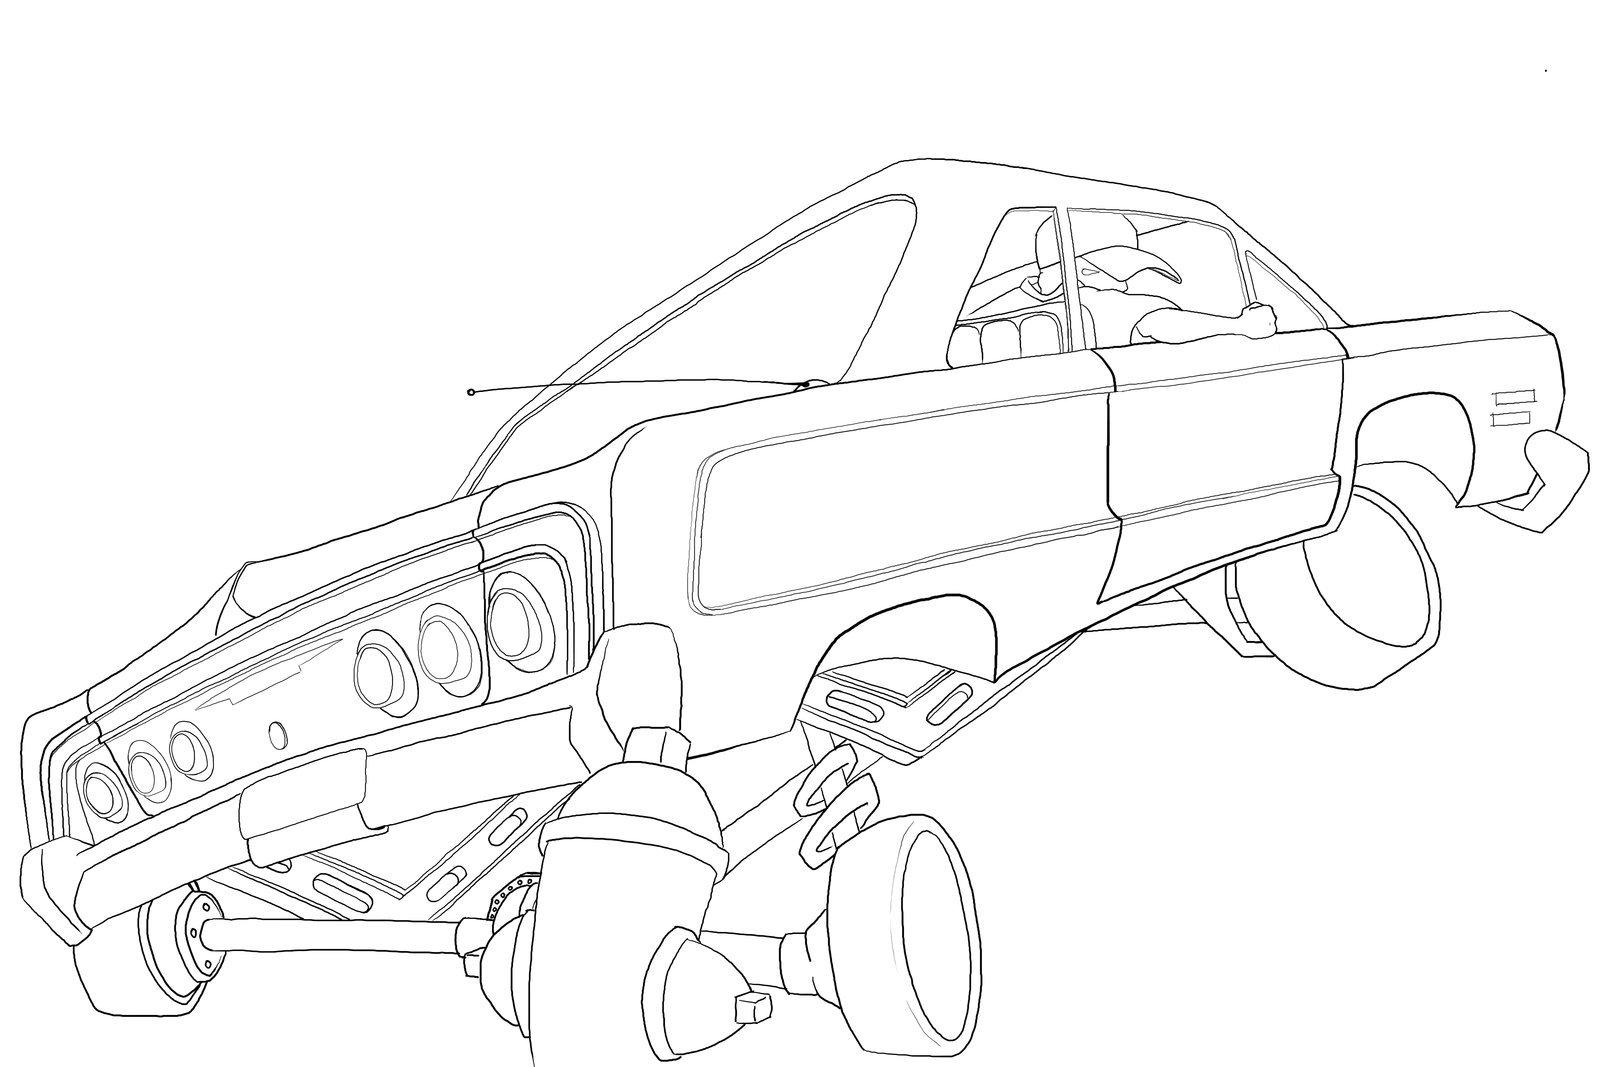 1958 chevy impala used parts